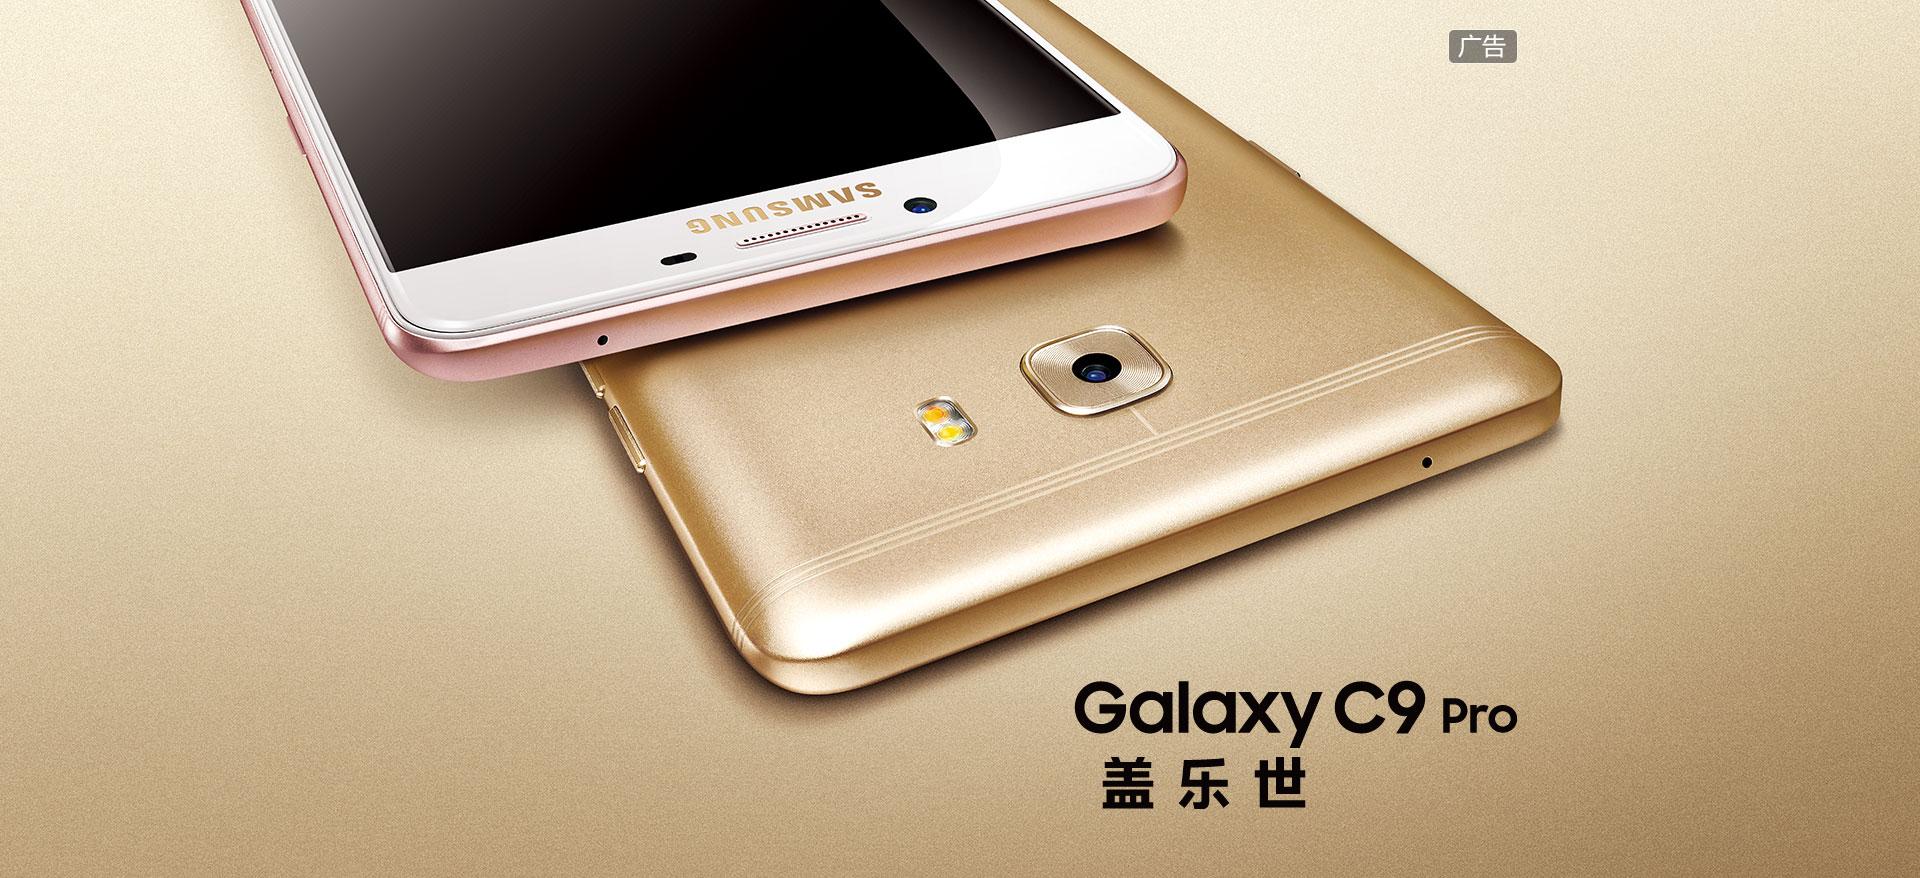 Galaxy C9 Pro China